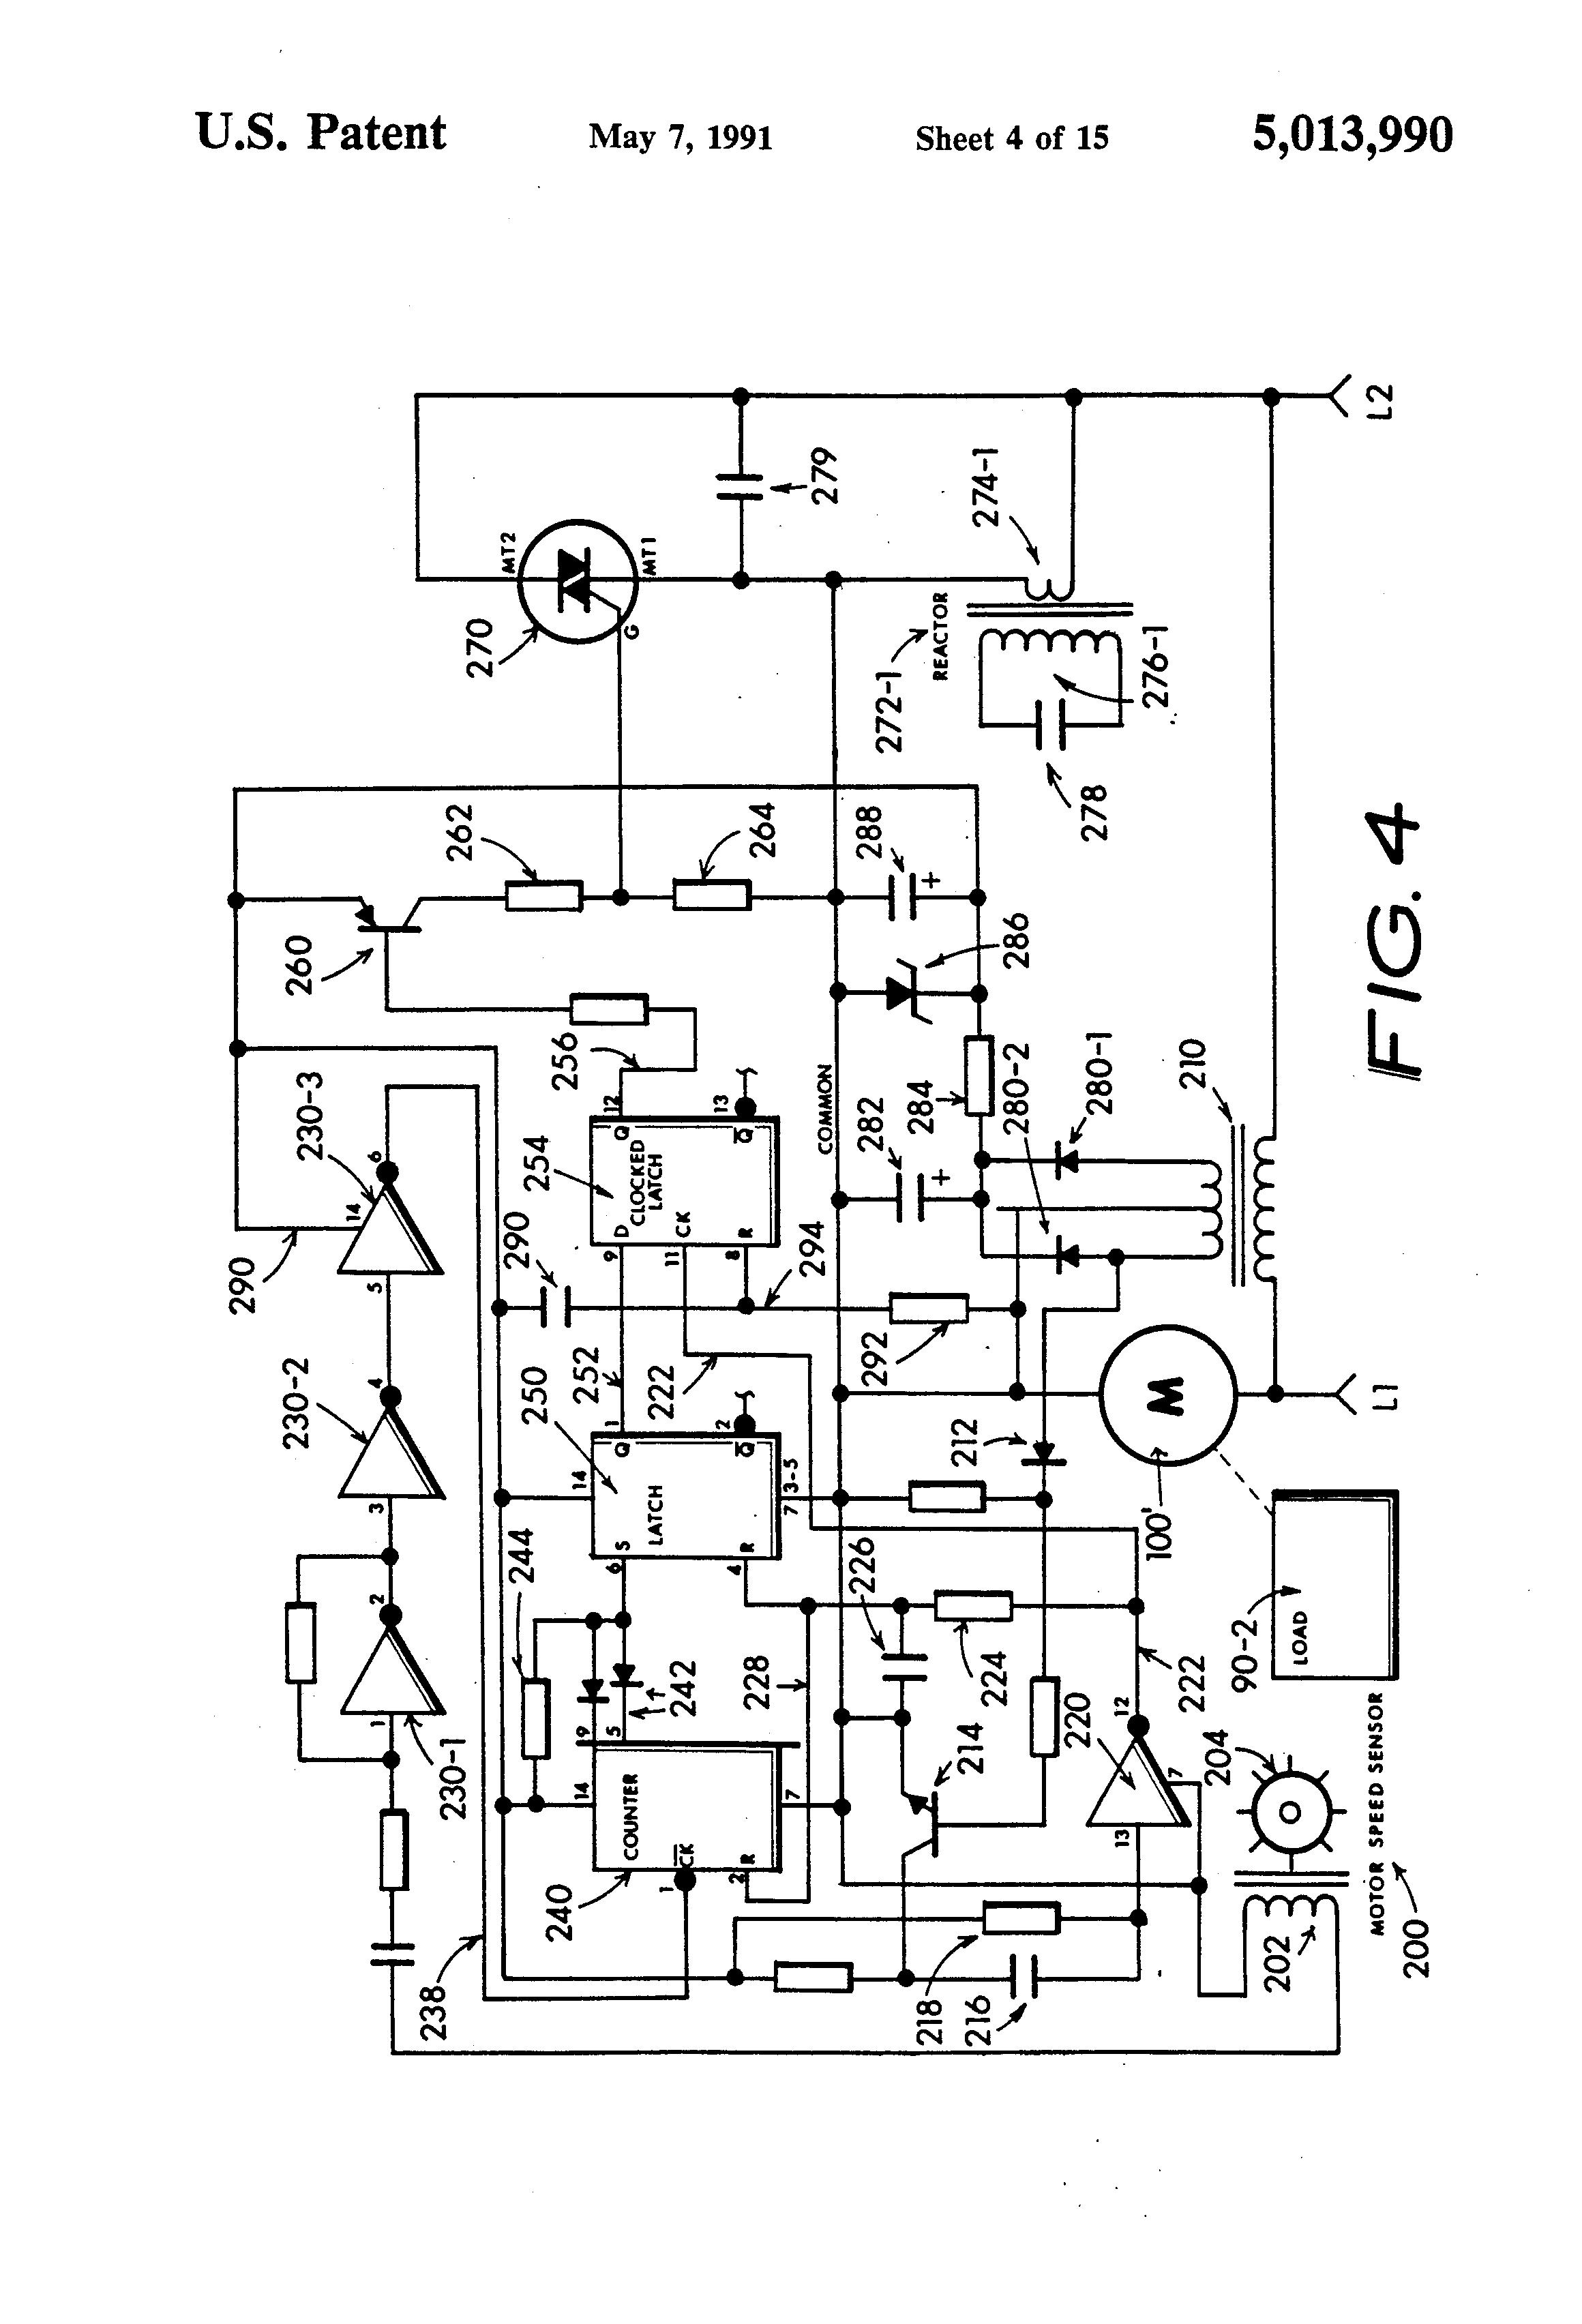 Jacobsen Turfcat Wiring Diagram - 4k Wiki Wallpapers 2018